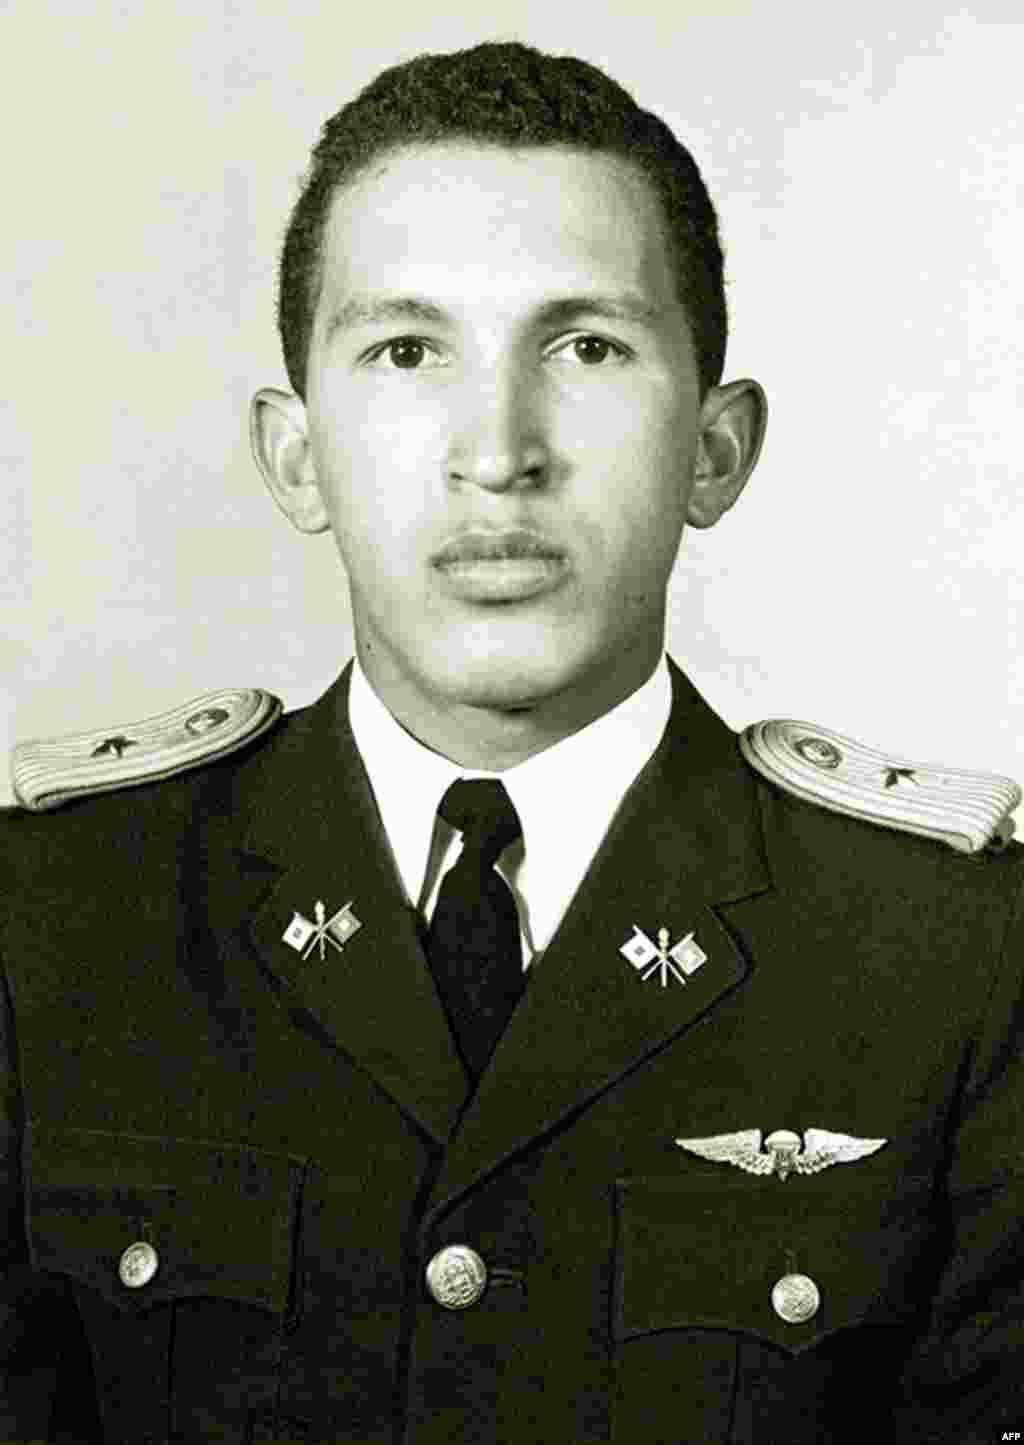 Hərbi akademiyanı bitirən leytenantHugo Chavez. 1975